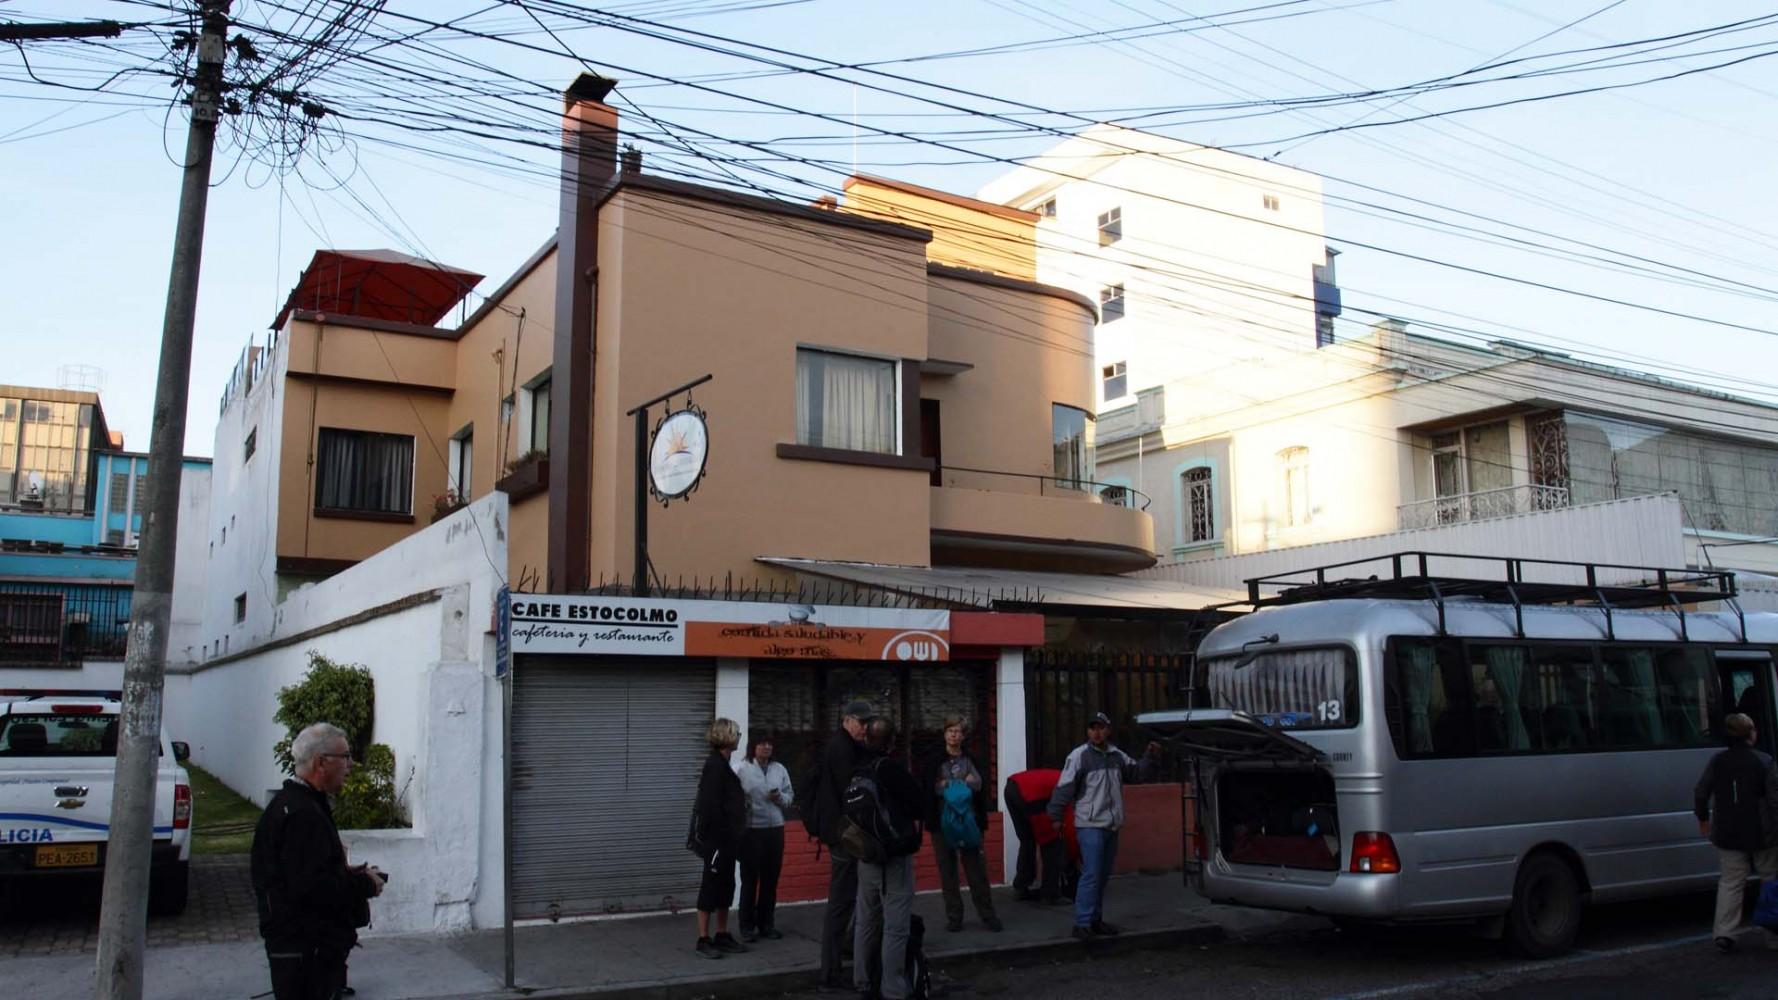 023_Ecuador_2014